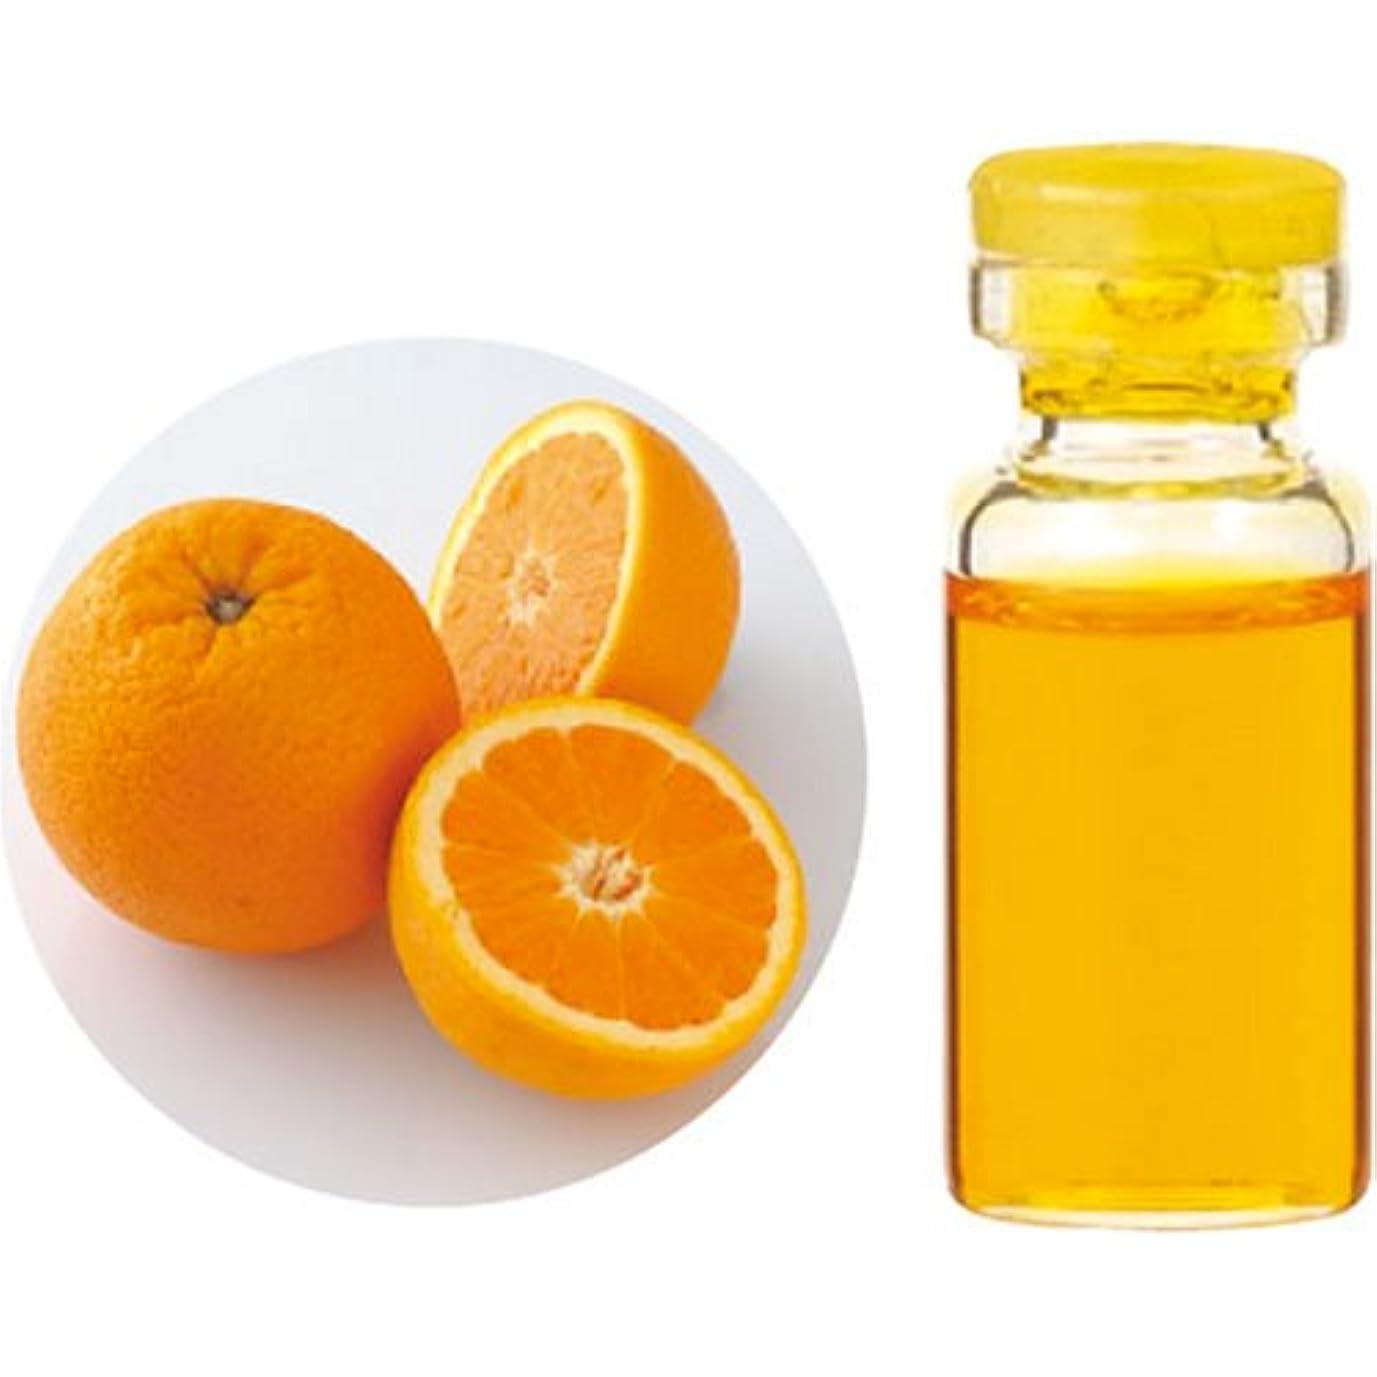 その間シーン全体にHerbalLife スィートオレンジ 10ml